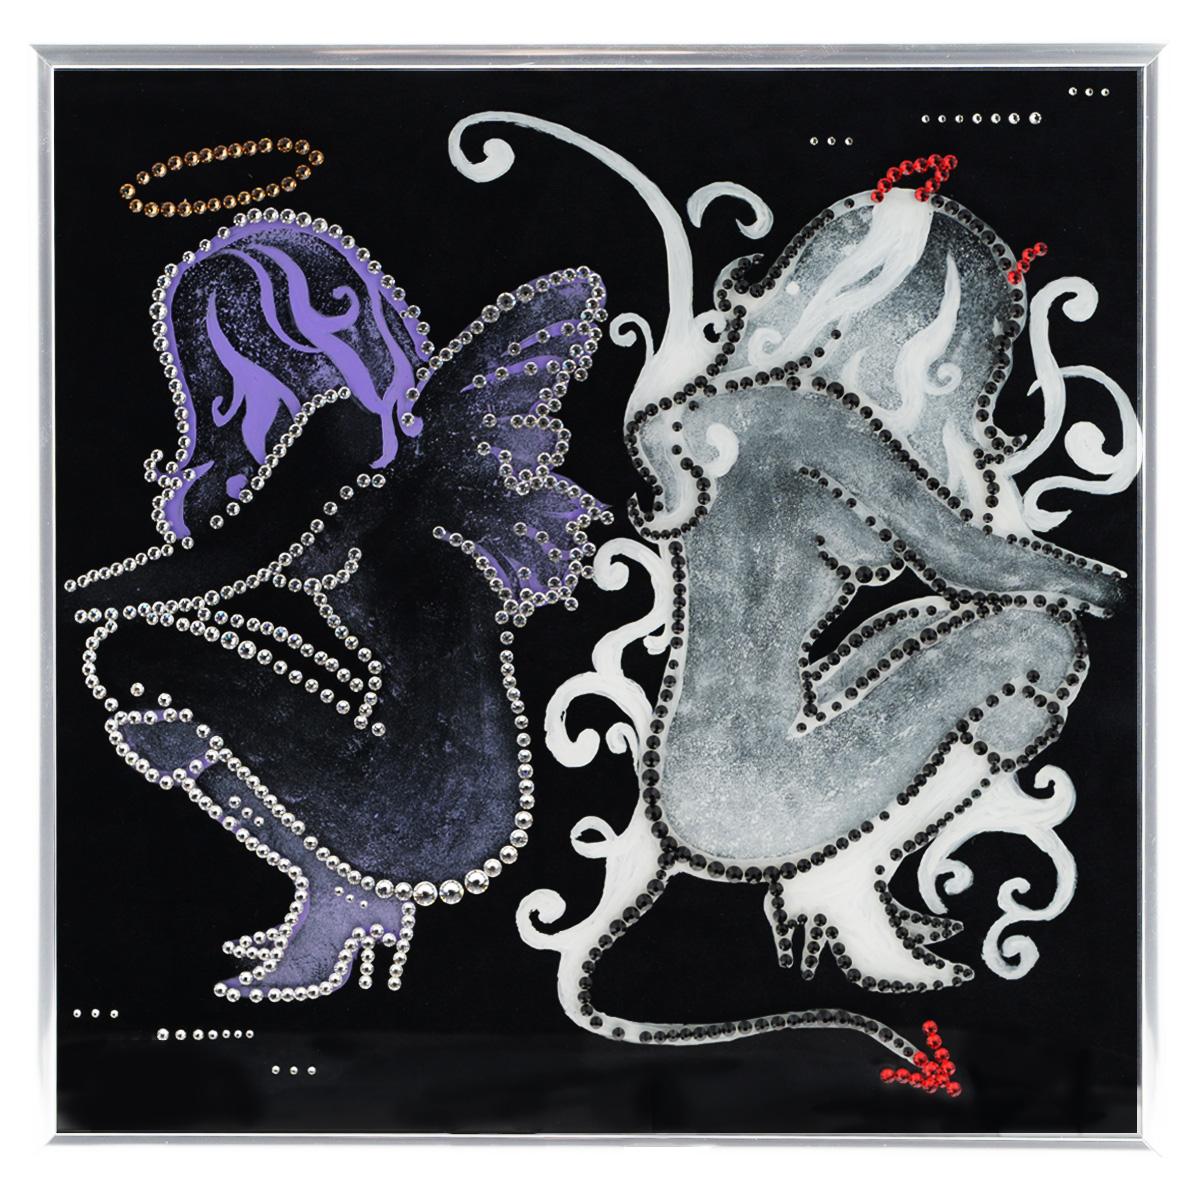 Картина с кристаллами Swarovski Ангел и демон, 30 х 30 смPM-3301Изящная картина в металлической раме, инкрустирована кристаллами Swarovski, которые отличаются четкой и ровной огранкой, ярким блеском и чистотой цвета. Красочное изображение ангела и демона, расположенное под стеклом, прекрасно дополняет блеск кристаллов. С обратной стороны имеется металлическая петелька для размещения картины на стене. Картина с кристаллами Swarovski Ангел и демон элегантно украсит интерьер дома или офиса, а также станет прекрасным подарком, который обязательно понравится получателю. Блеск кристаллов в интерьере, что может быть сказочнее и удивительнее. Картина упакована в подарочную картонную коробку синего цвета и комплектуется сертификатом соответствия Swarovski.